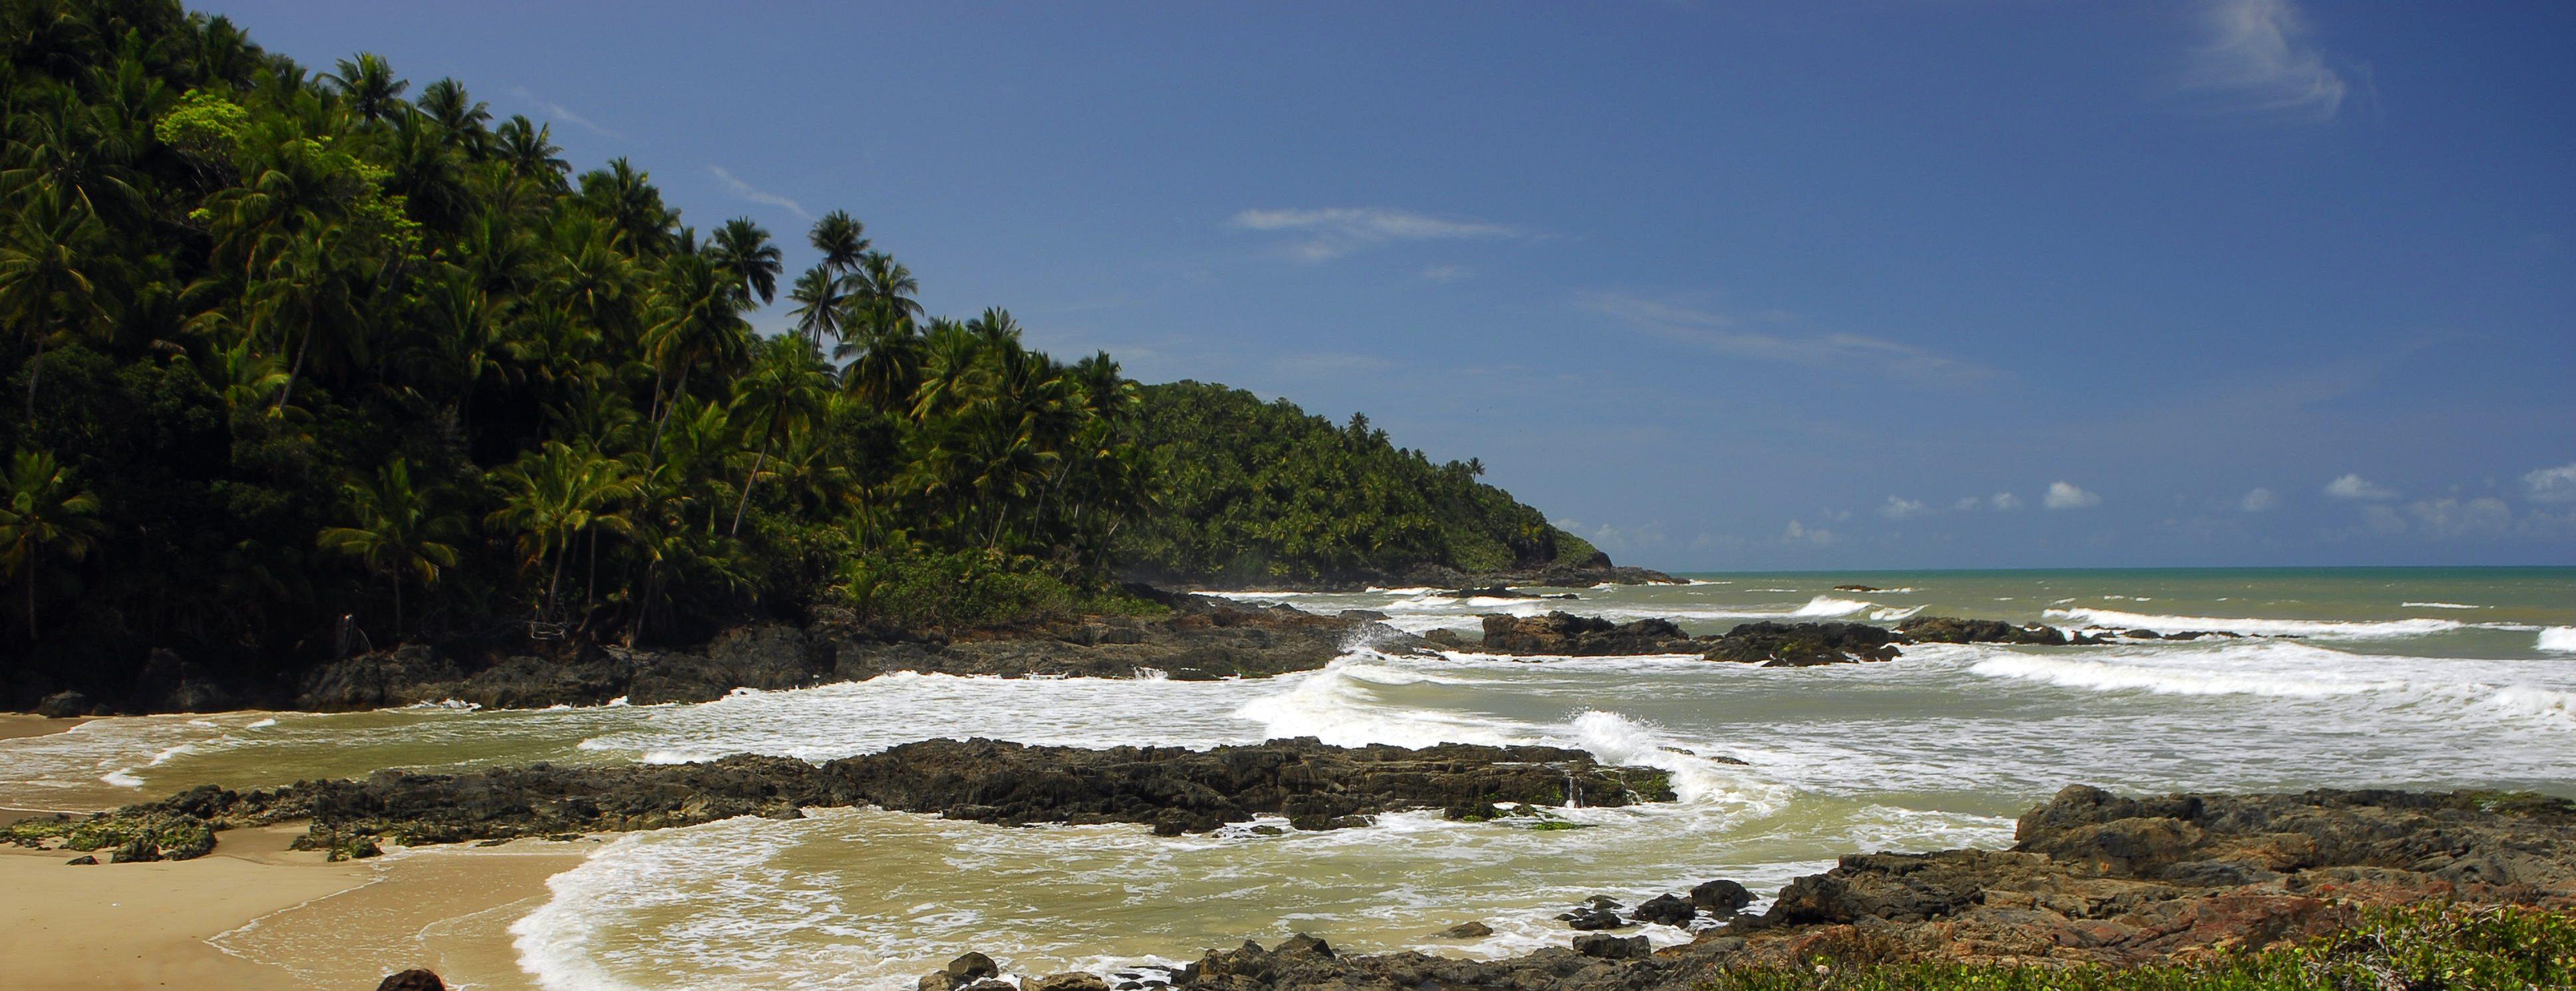 Itacare jungle et océan